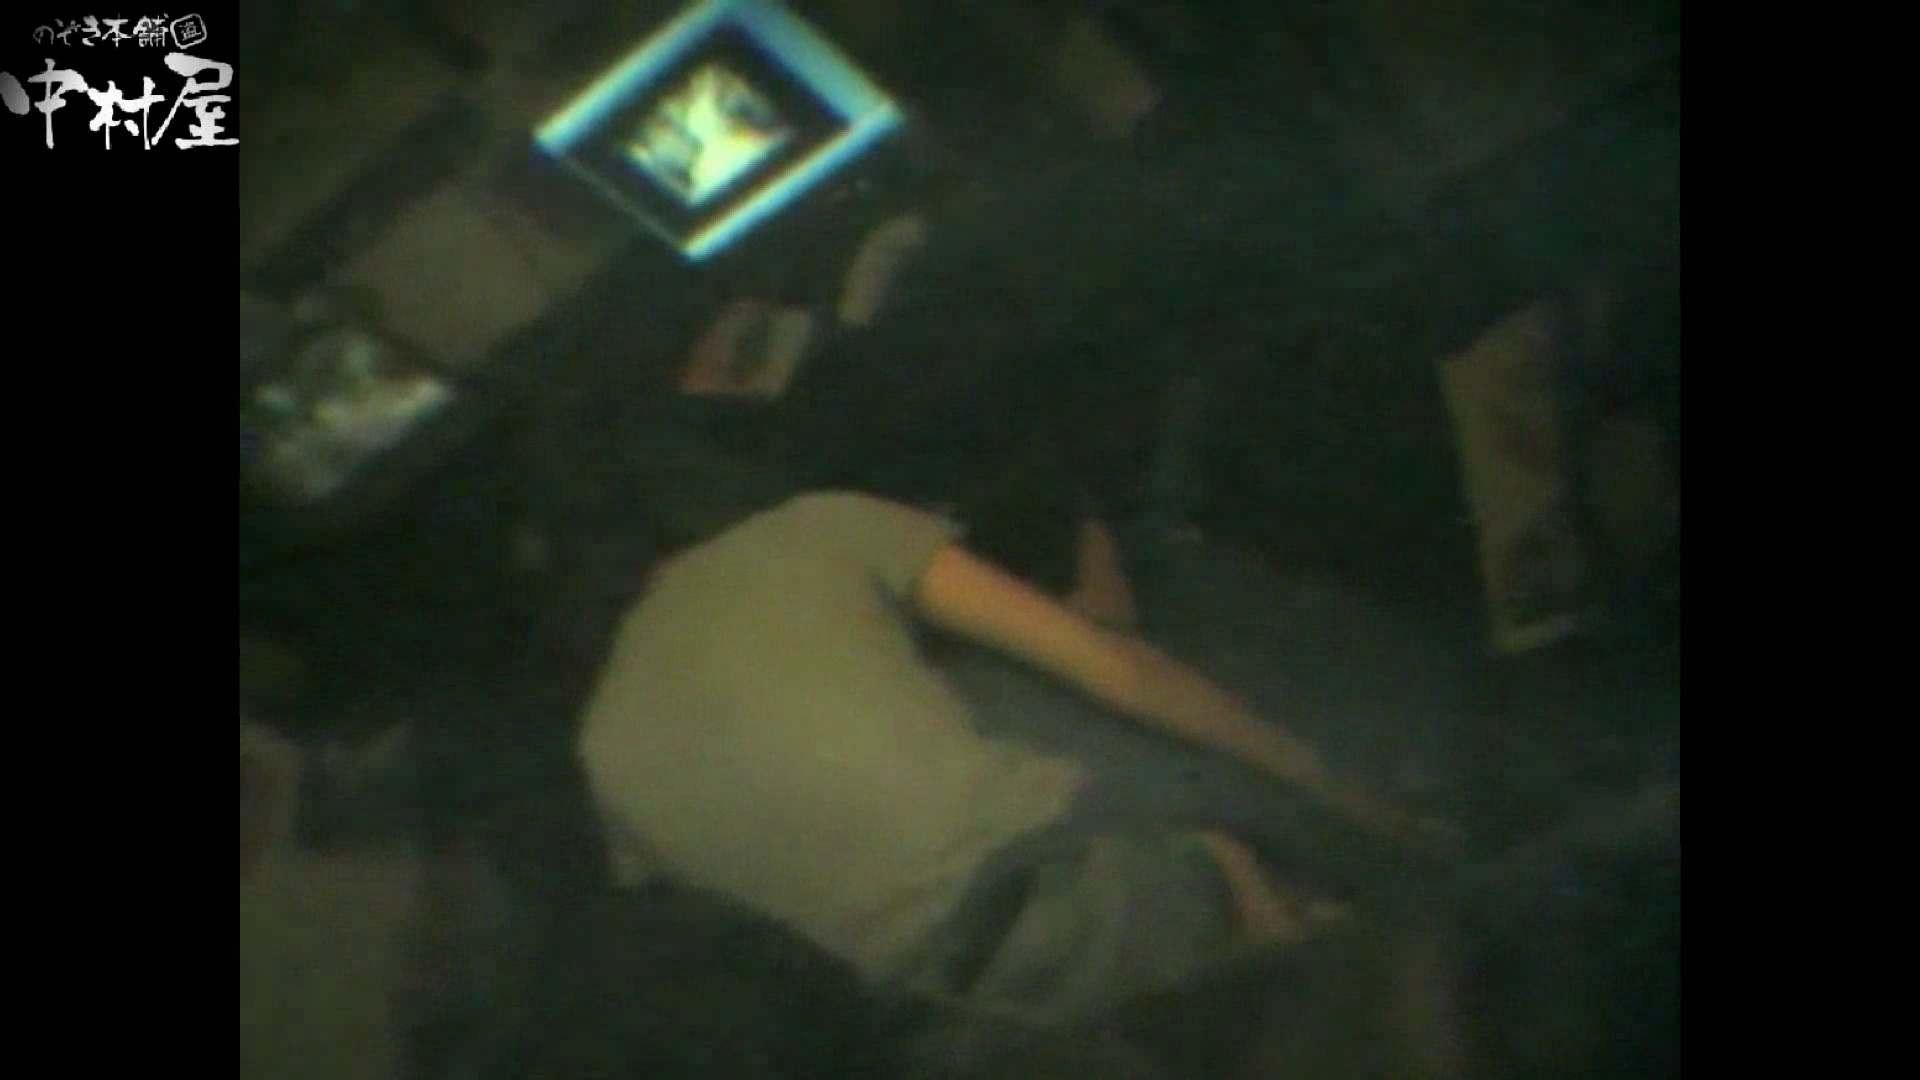 インターネットカフェの中で起こっている出来事 vol.002 OLのエロ生活 われめAV動画紹介 19連発 2